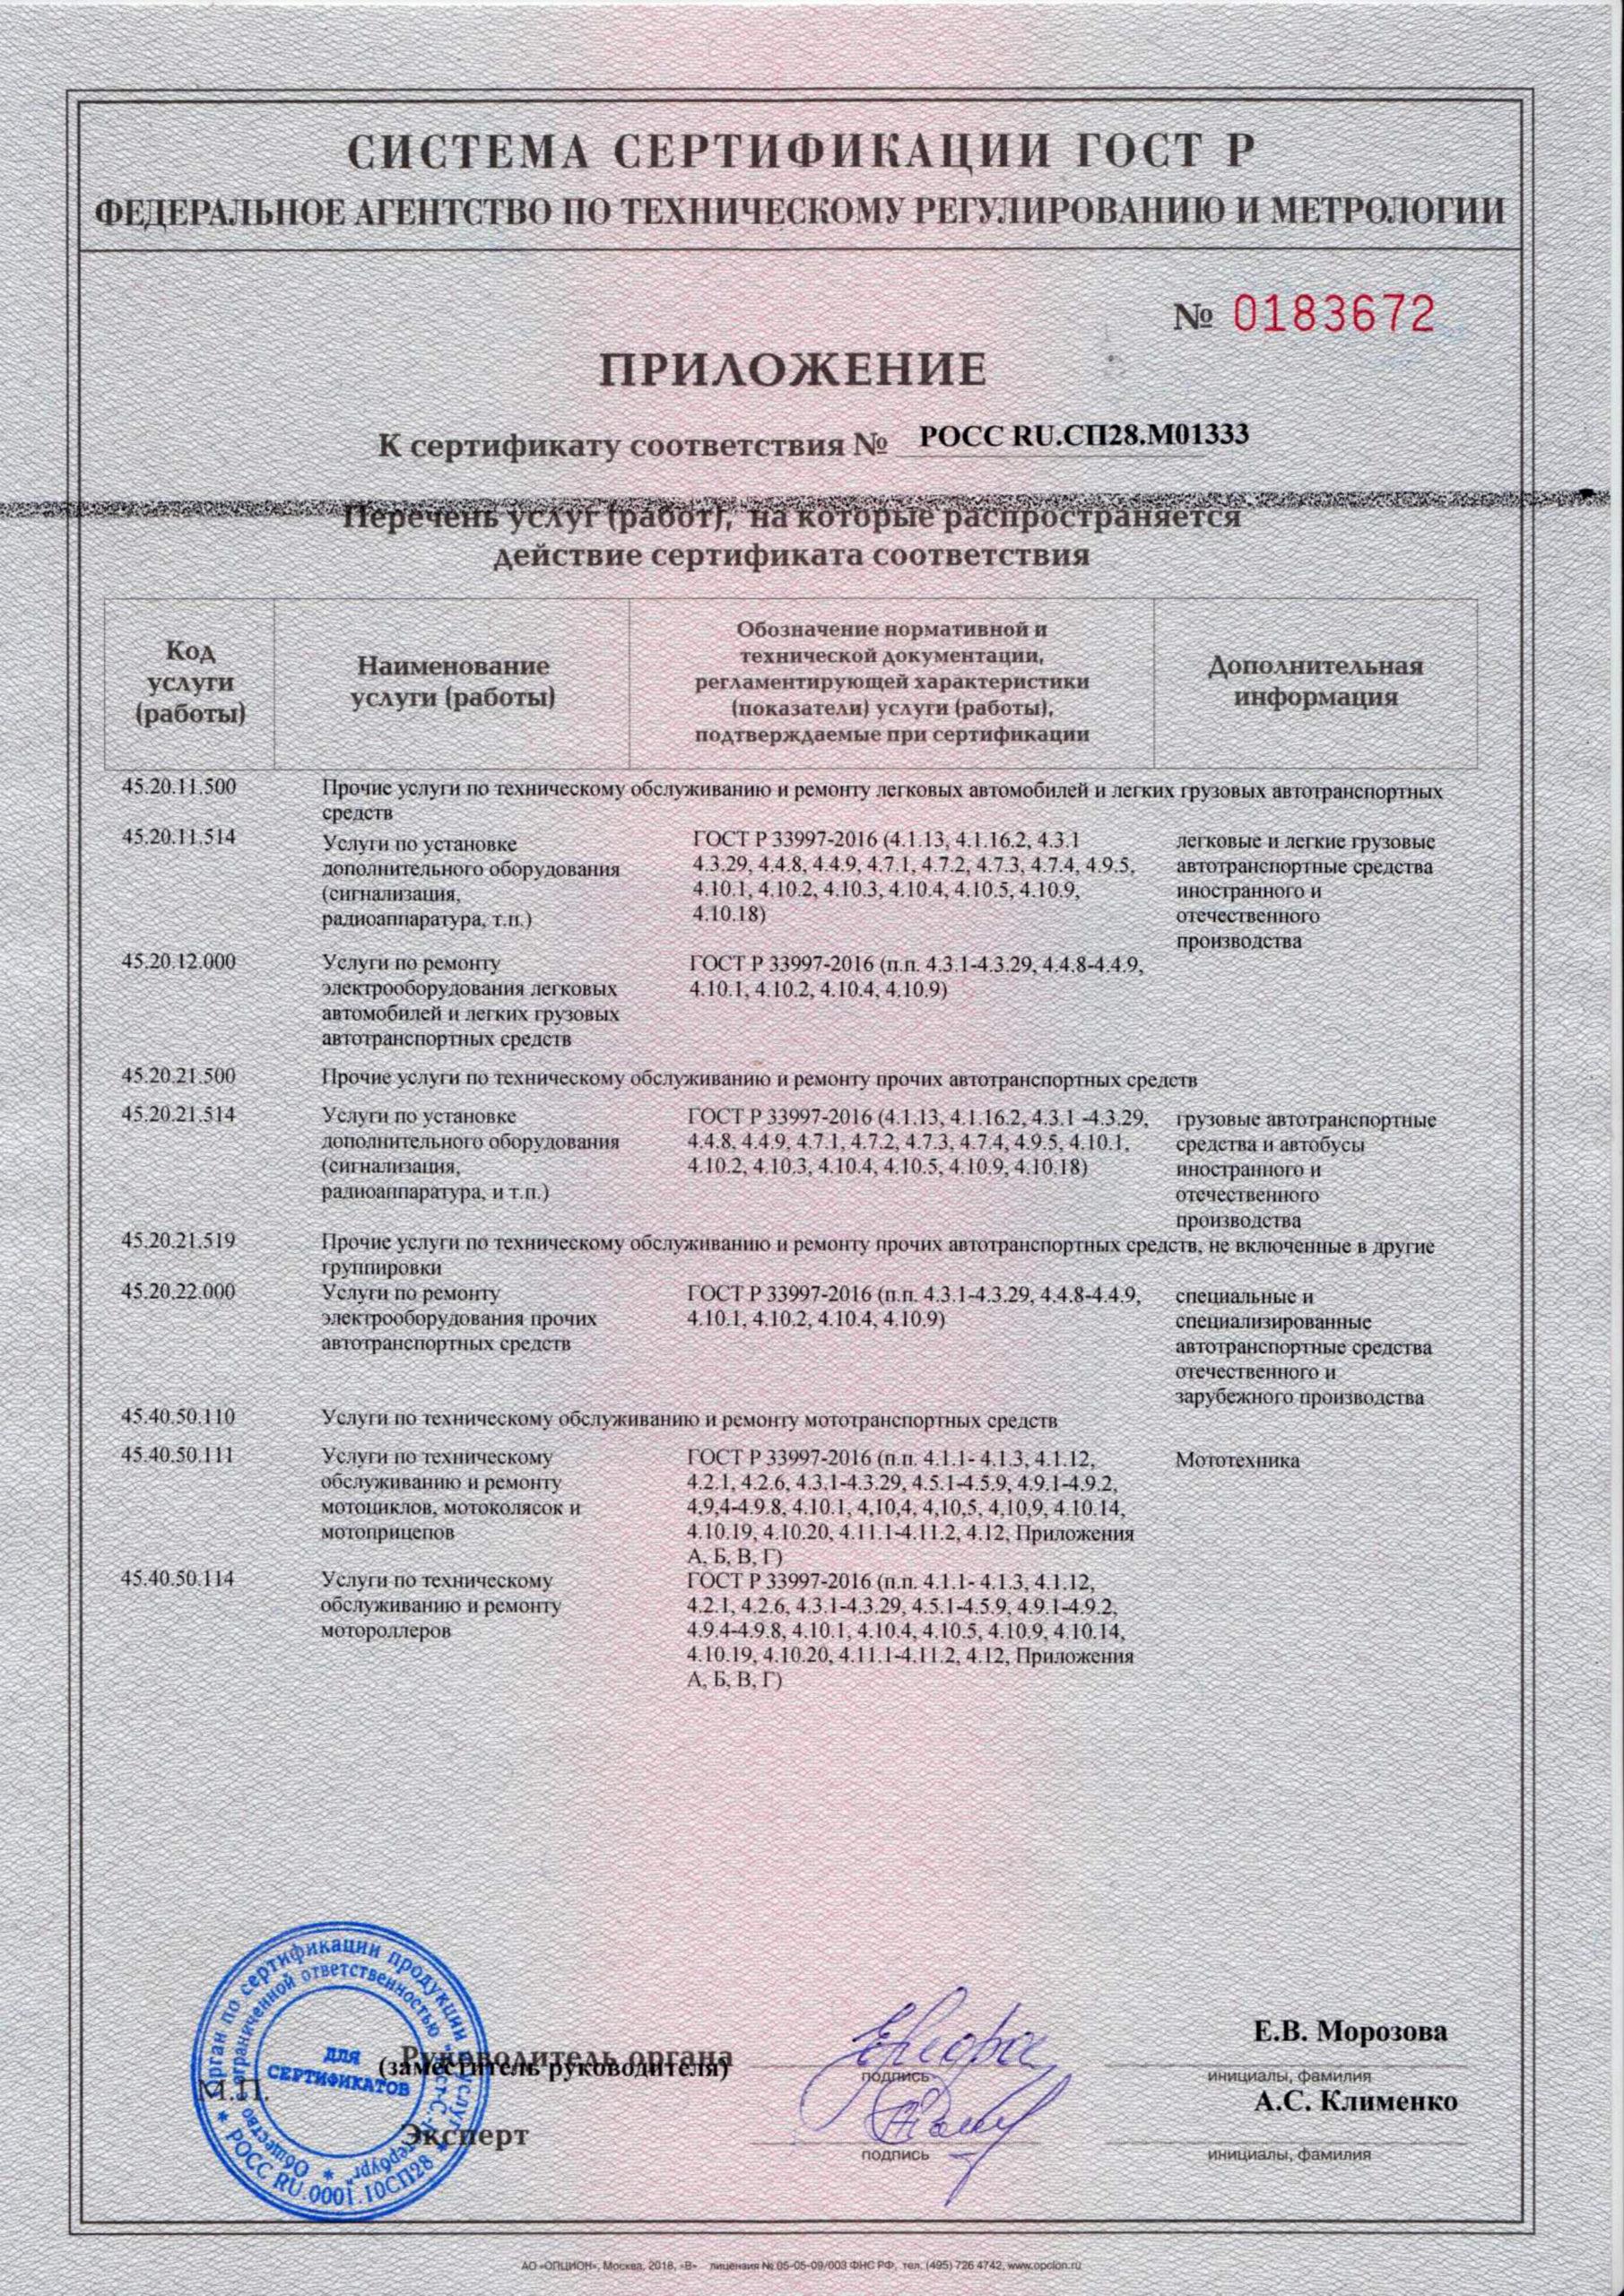 Сертификат соответствия на услуги по установи противоугонного оборудования и доп оборудования на автомобили